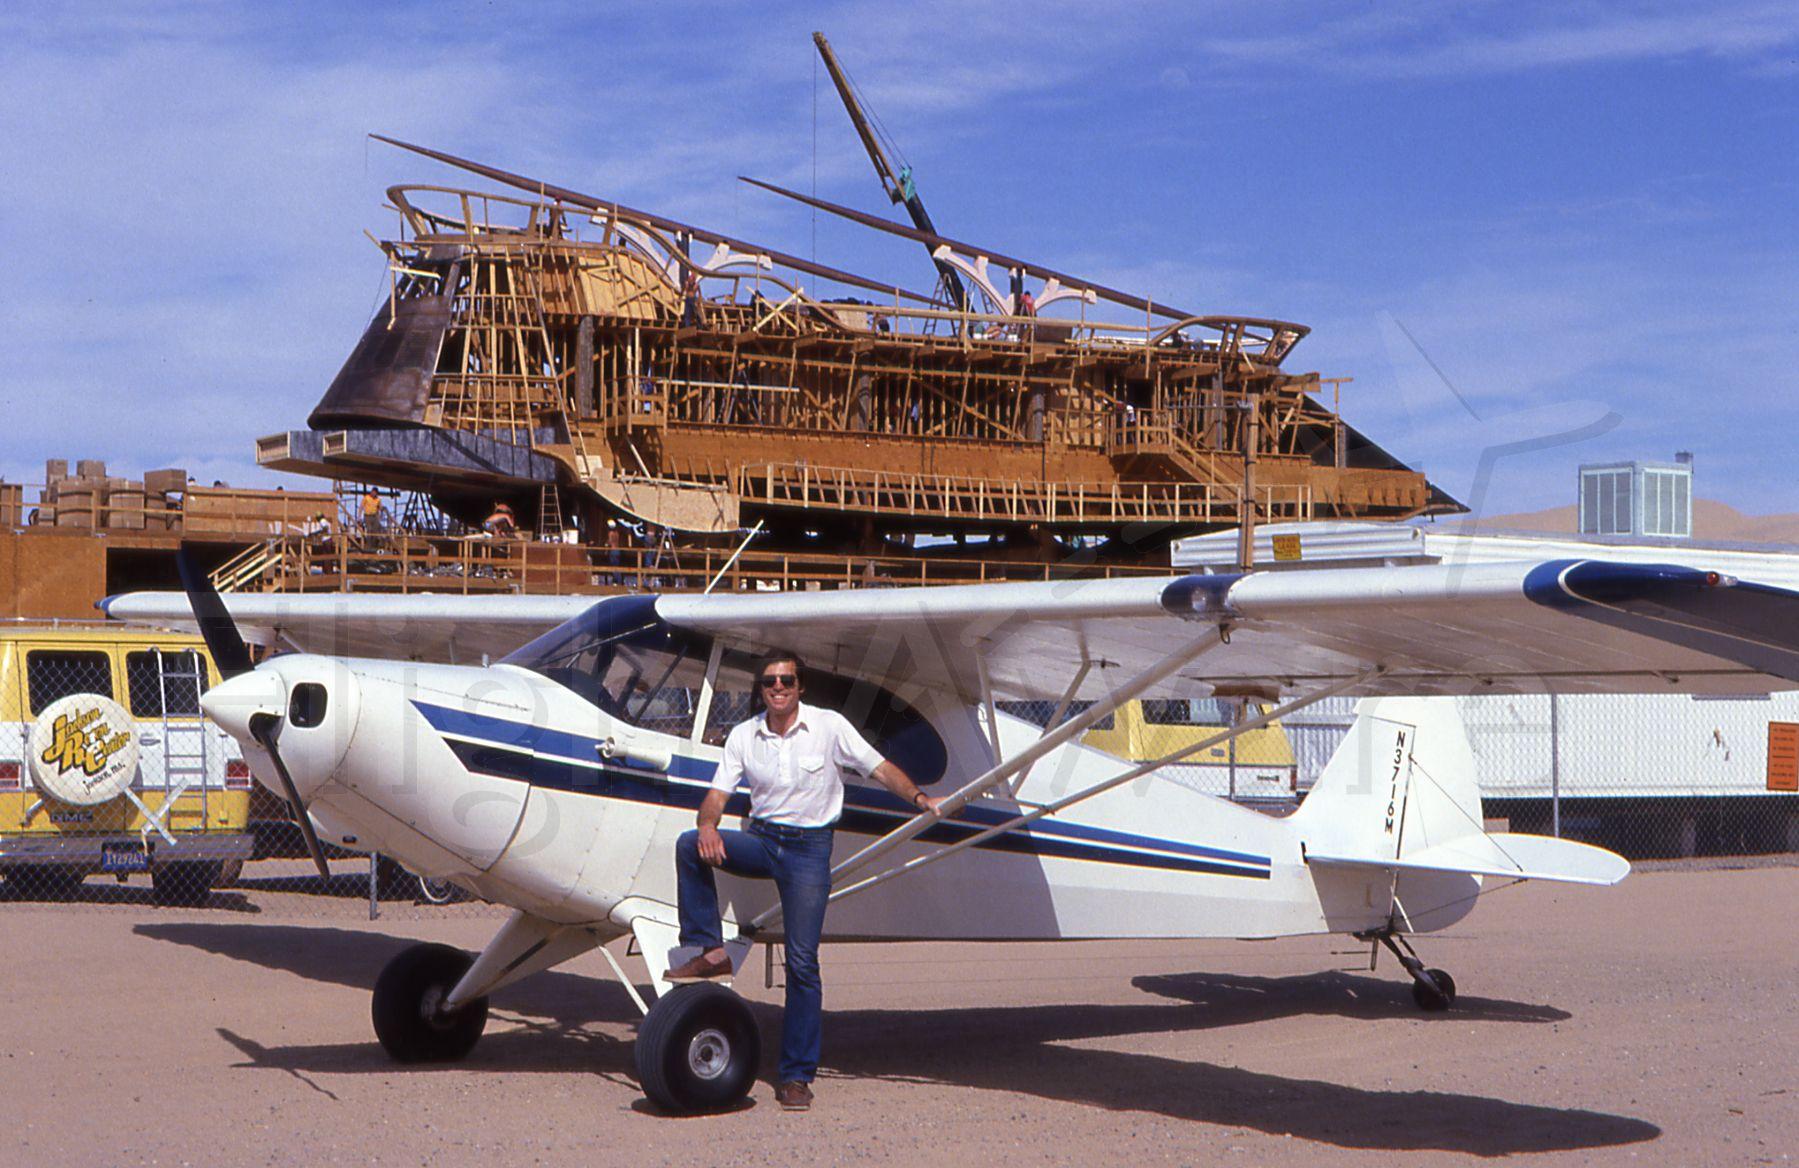 Piper PA-12 Super Cruiser (N3716M) - APR-82 Imperial Sand Dunes CA